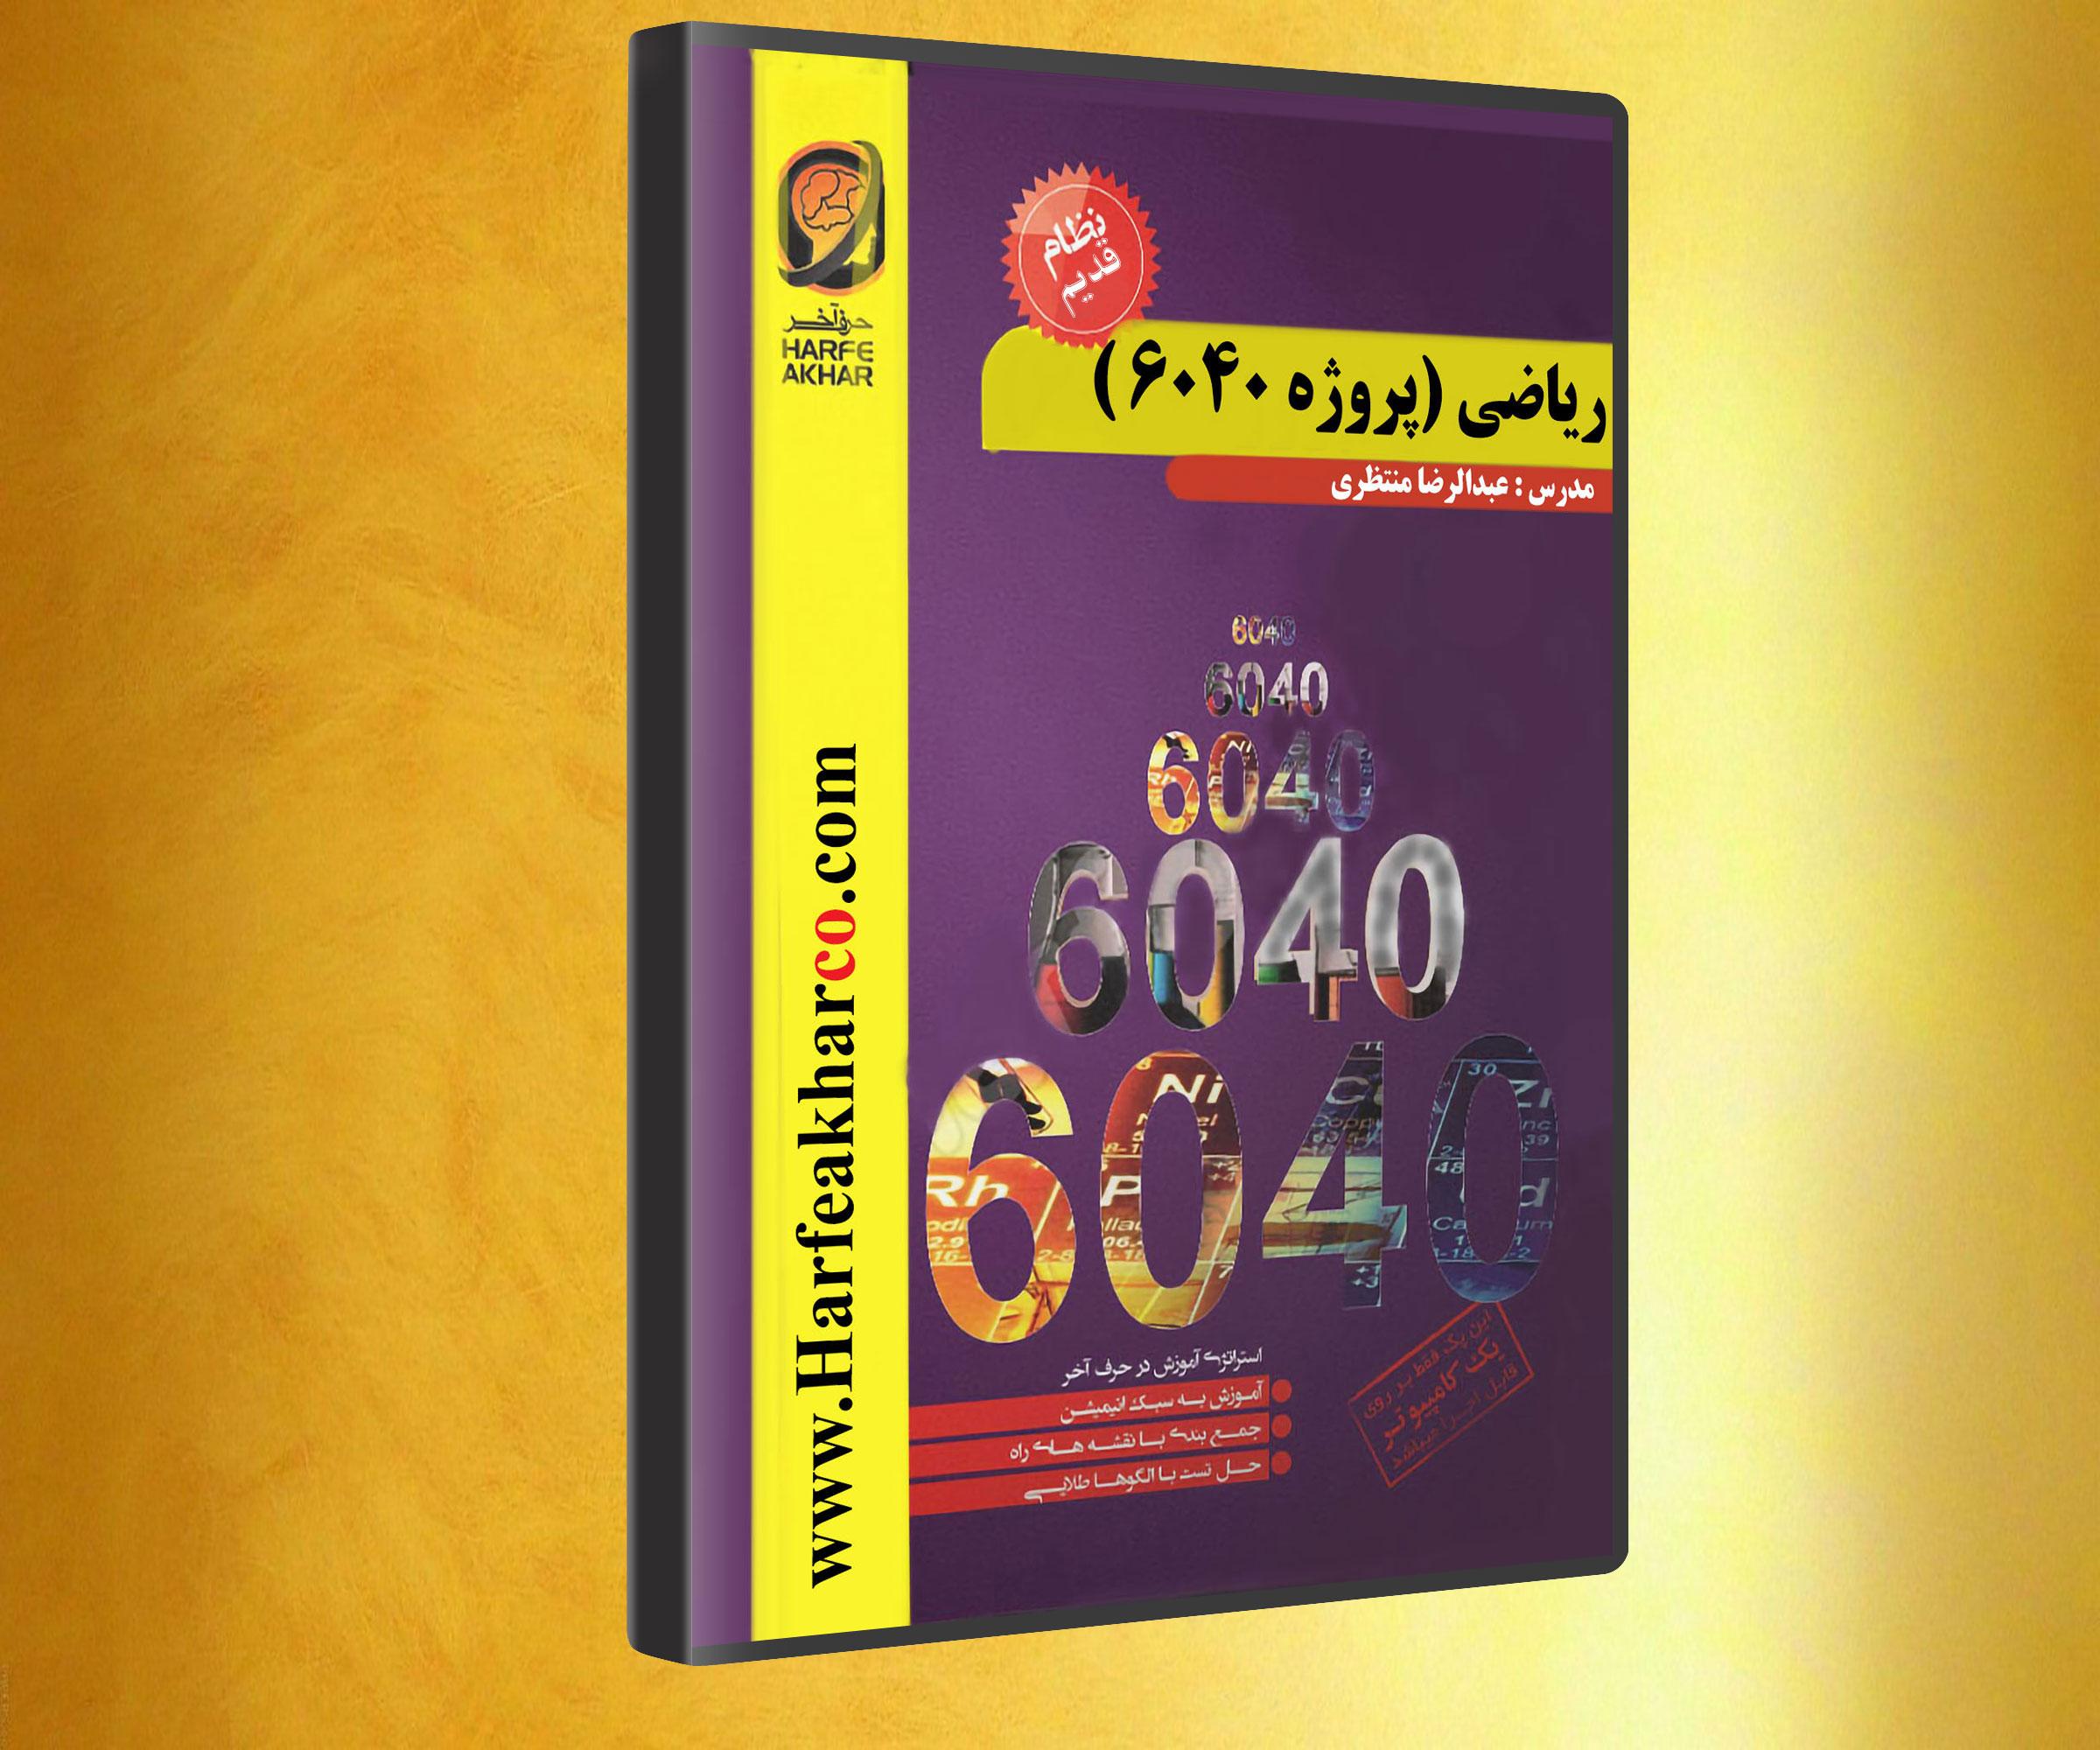 ریاضی 6040 نظام قدیم